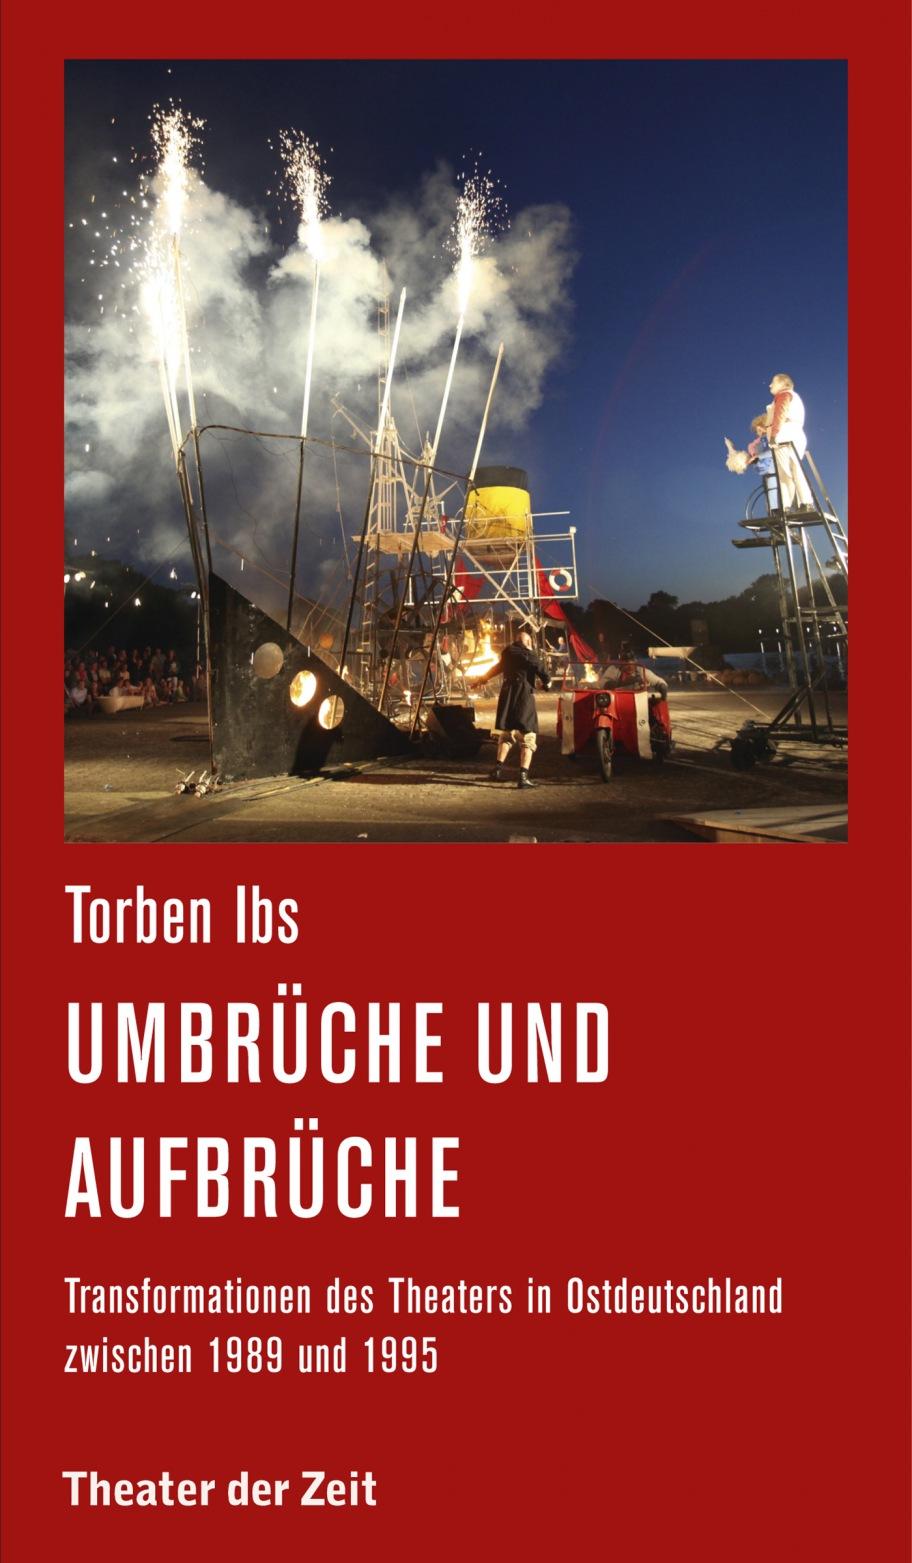 Torben Ibs: Umbrüche und Aufbrüche